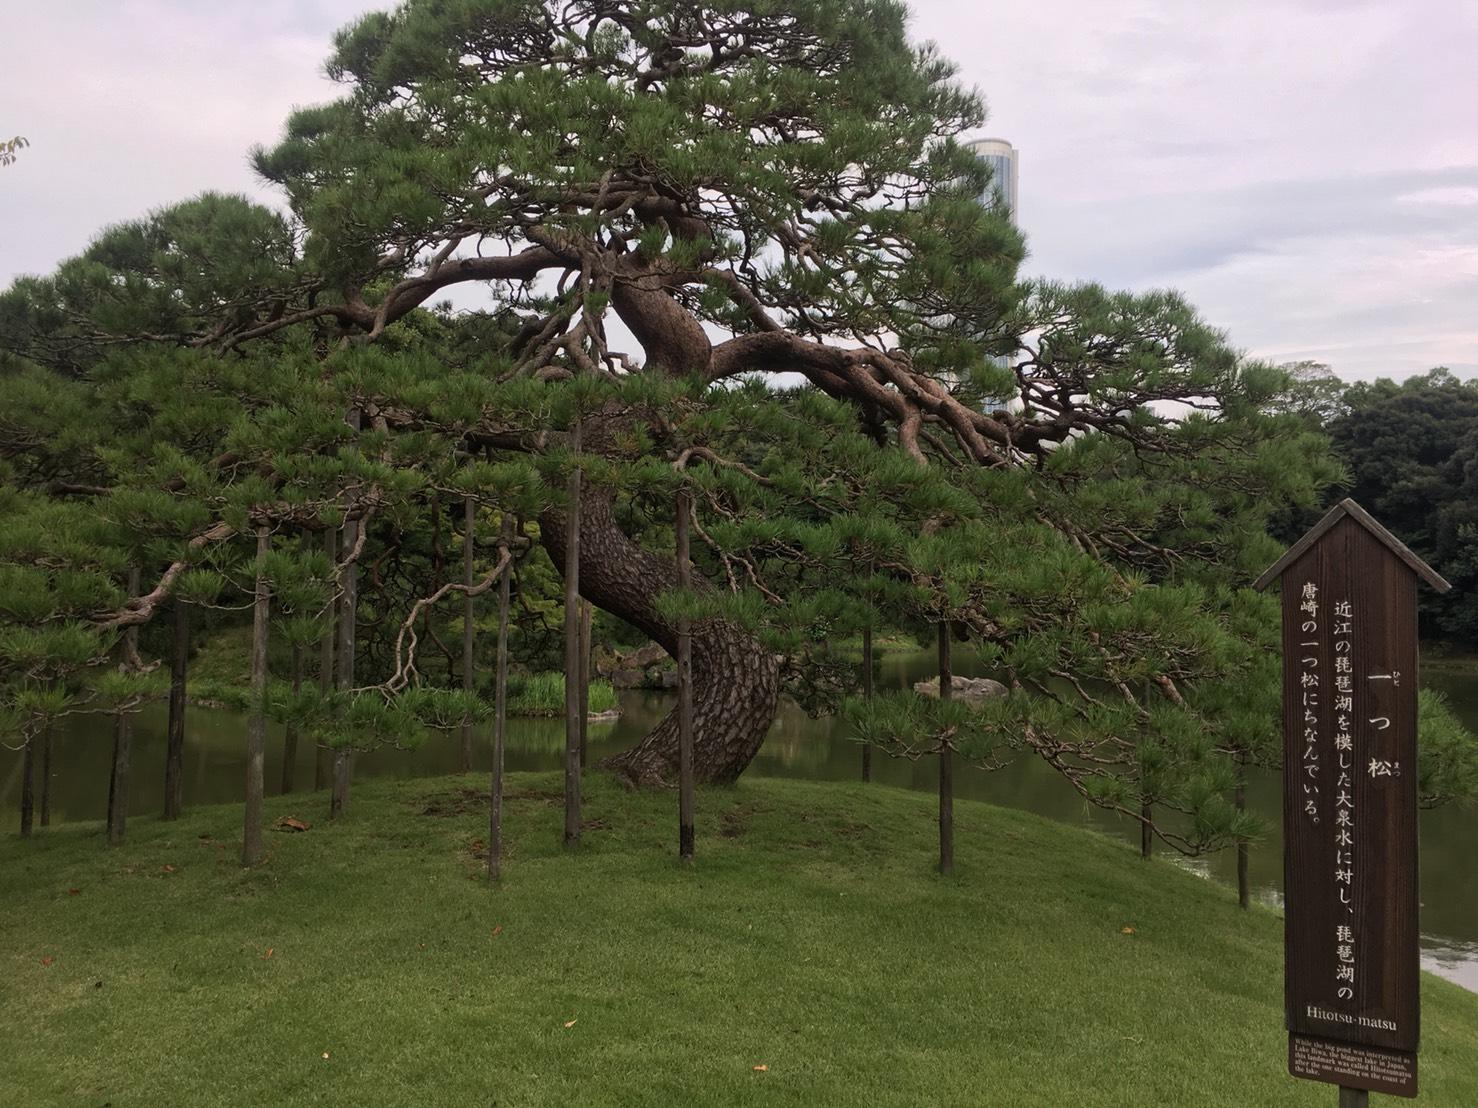 【飯田橋駅】江戸時代の中国趣味豊かな景観で一句「小石川後楽園」の小石川後楽園の一つ松